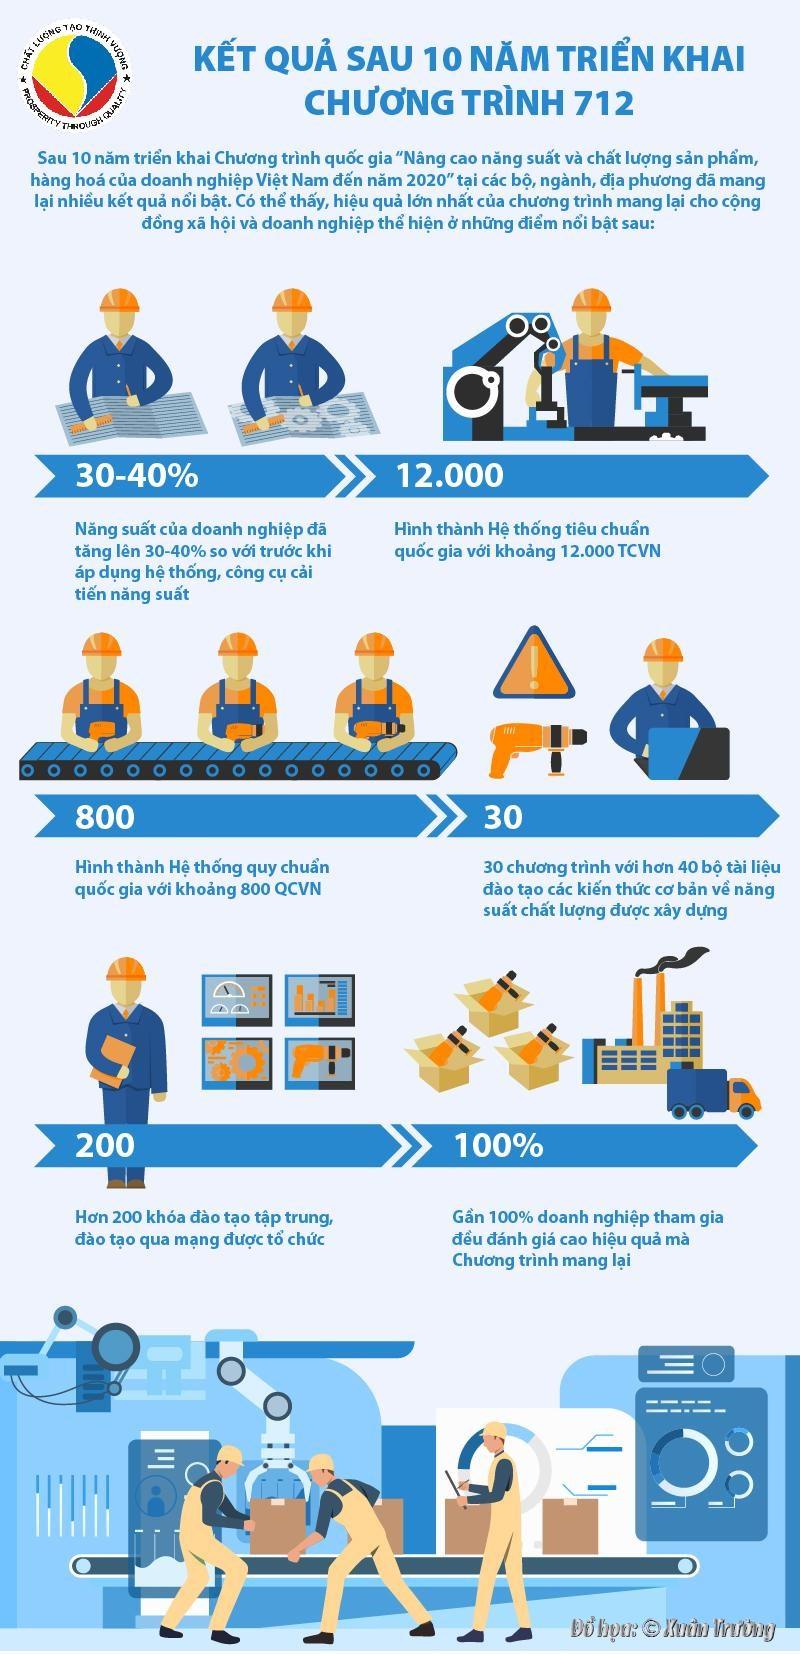 [Infographics] Kết quả sau 10 năm triển khai Chương trình 712 - Ảnh 1